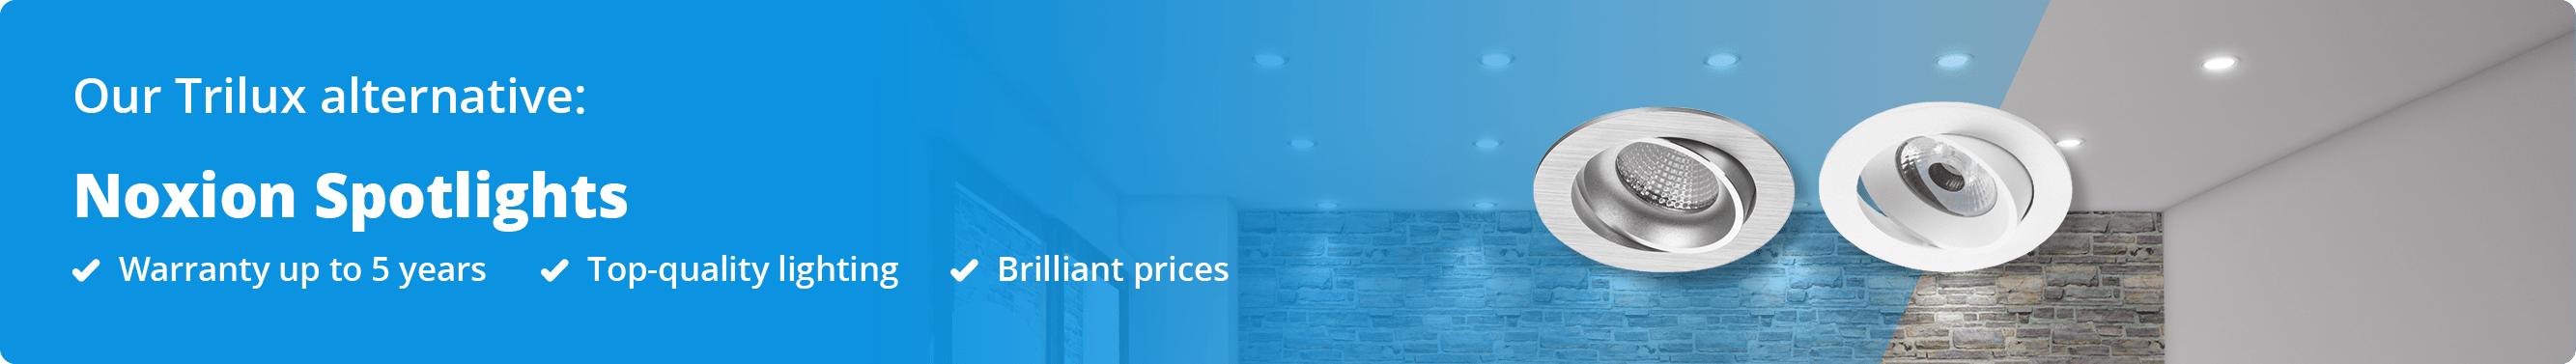 Banner Noxion alternative LED spotlights